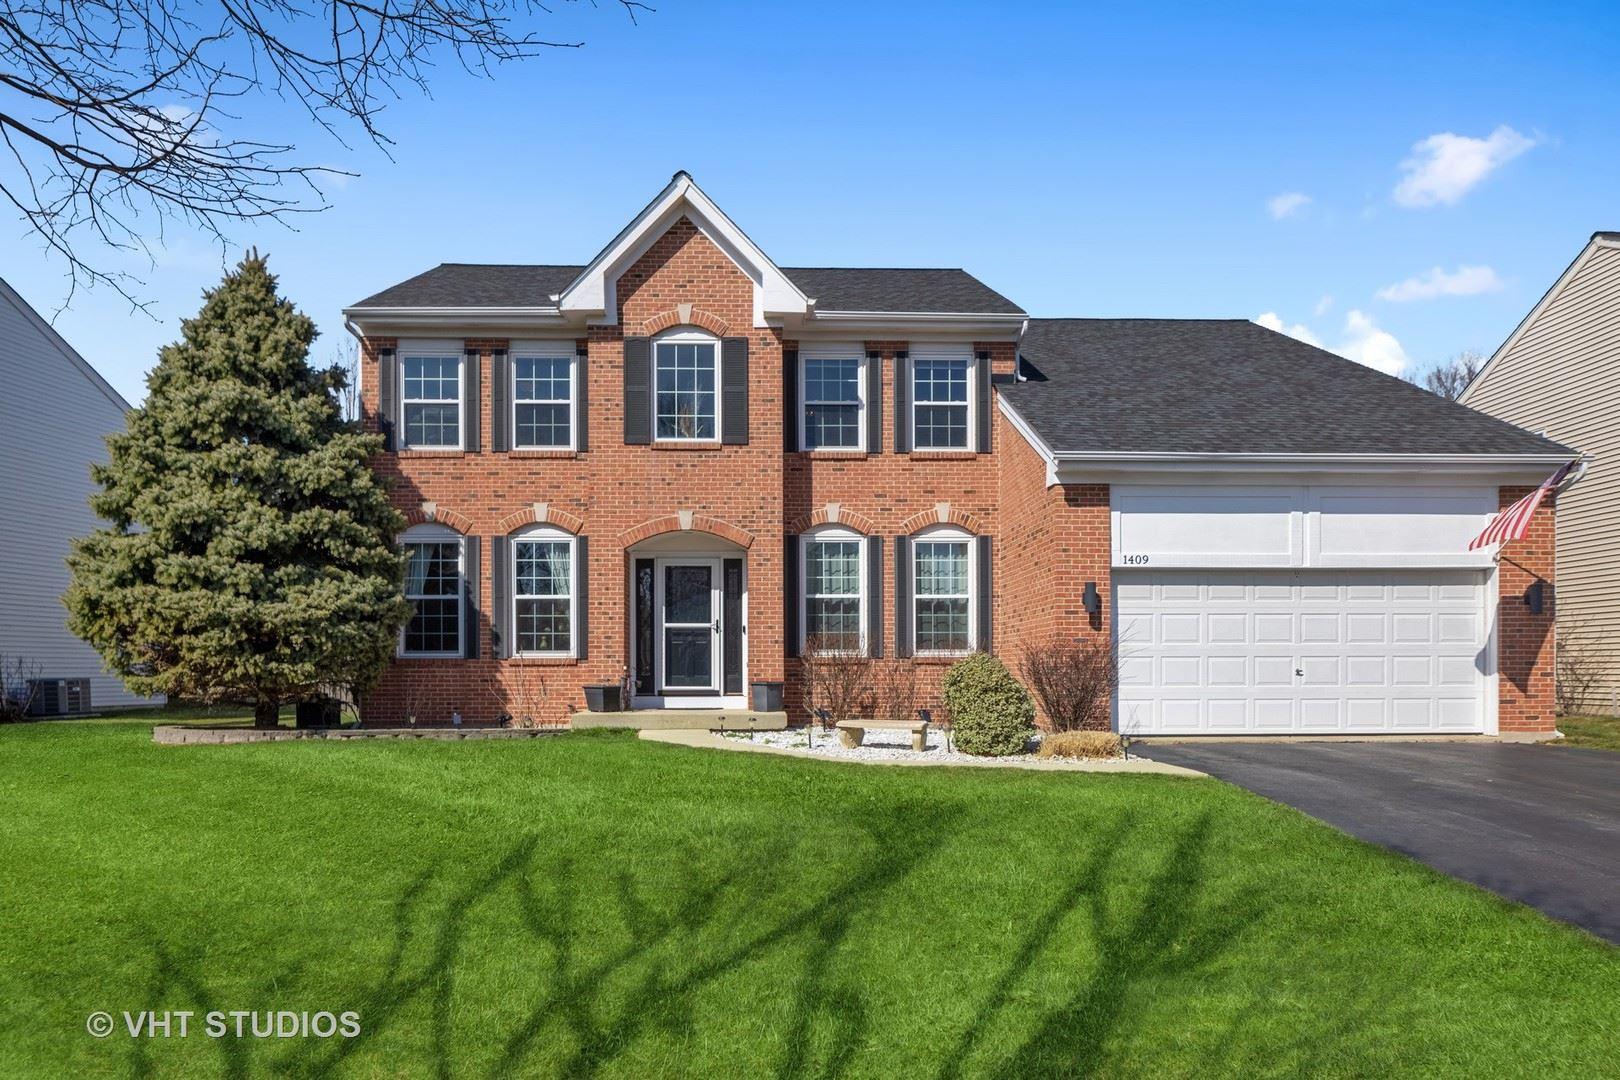 Photo of 1409 Waterside Drive, Bolingbrook, IL 60490 (MLS # 11029111)